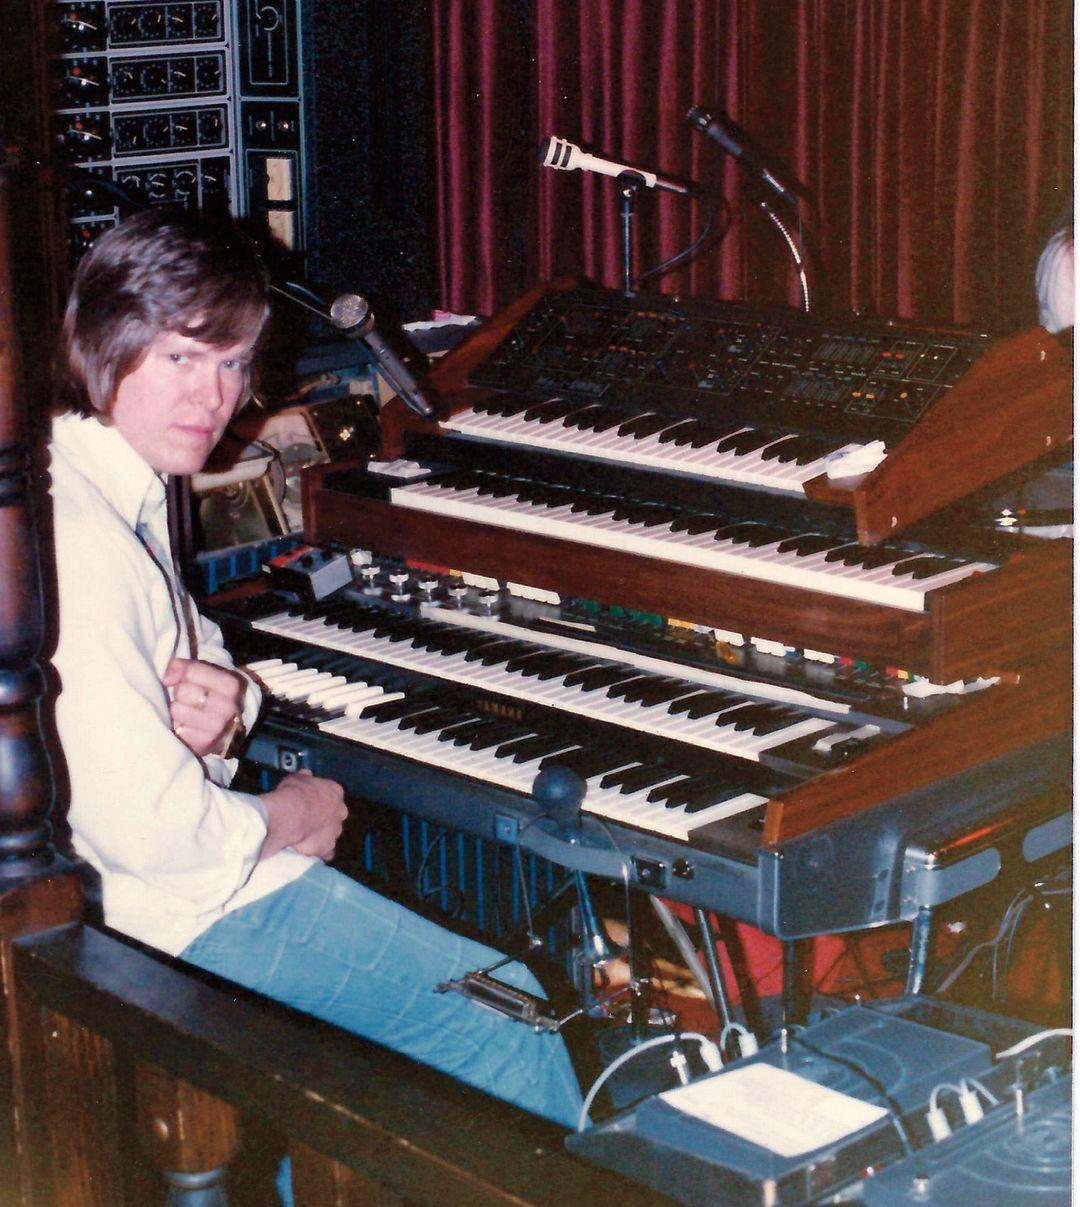 Dean equipment 1976 edit mdrqqb